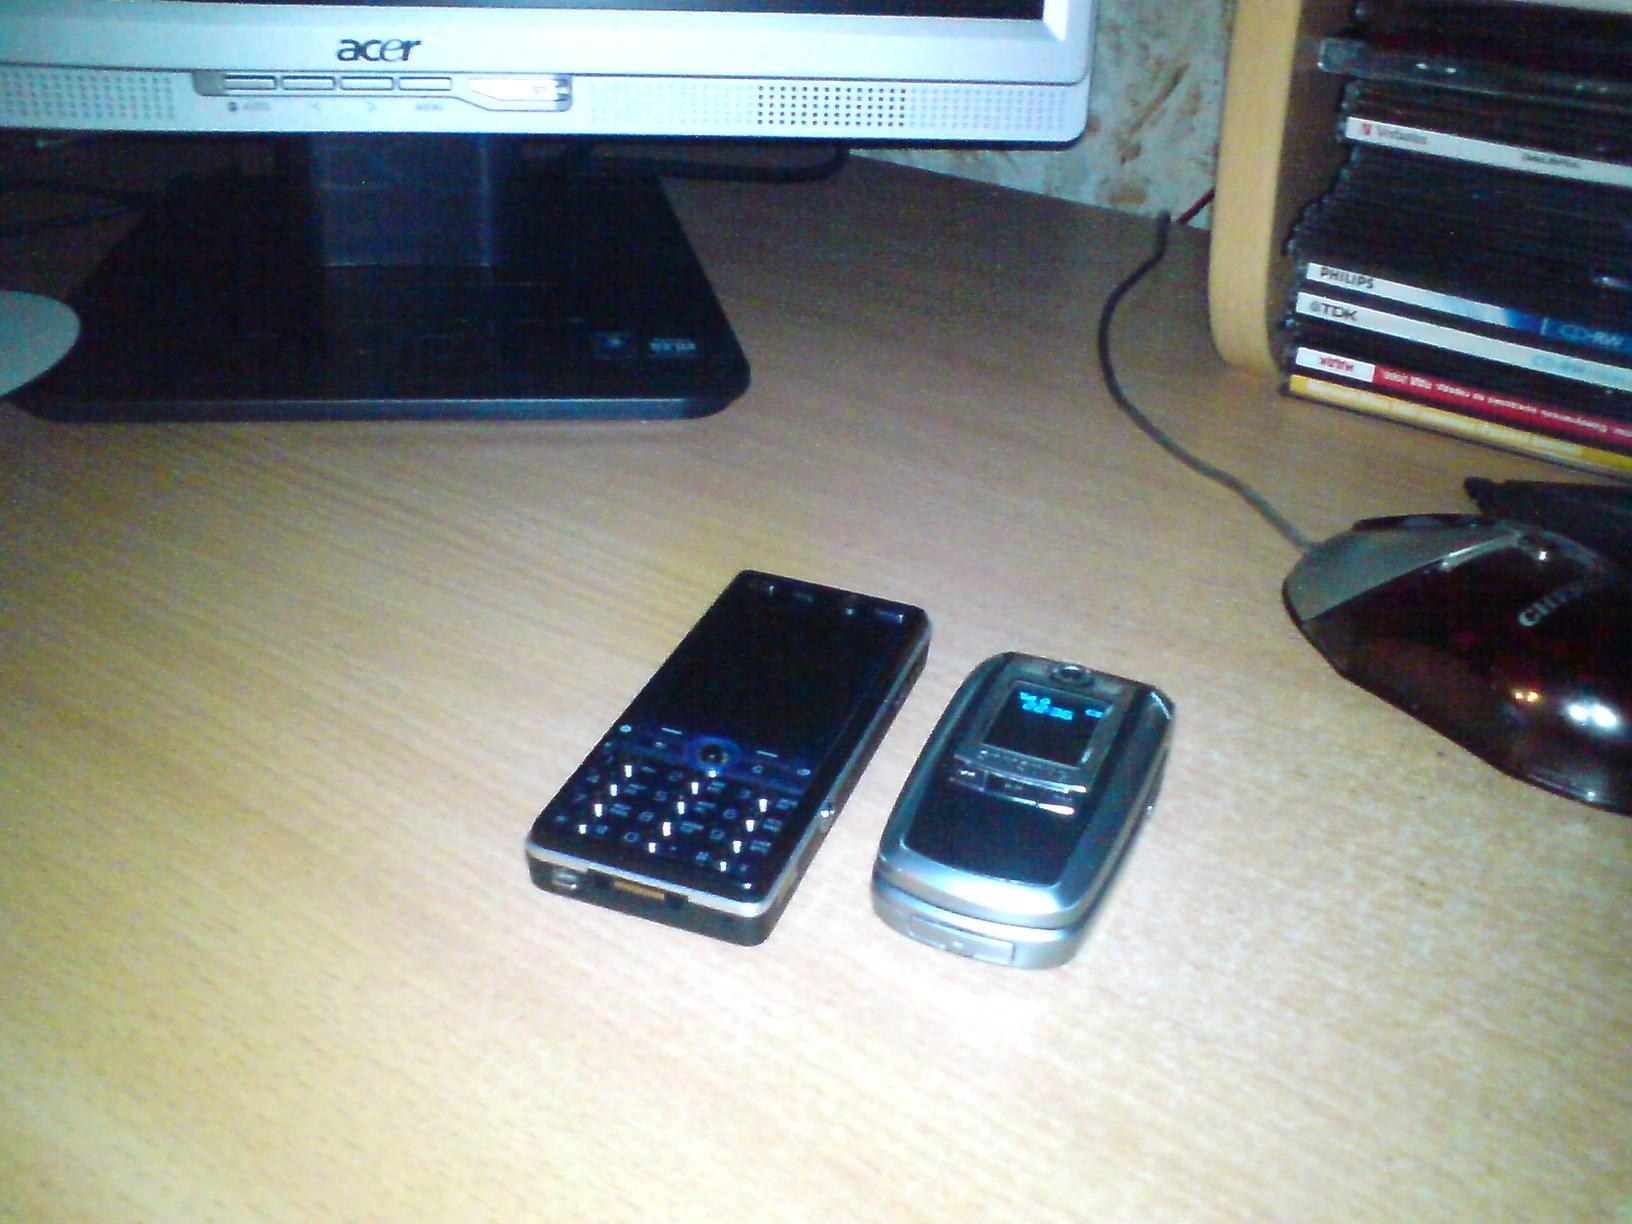 Видео для мобильного телефона, смартфона sony ericsson w610i